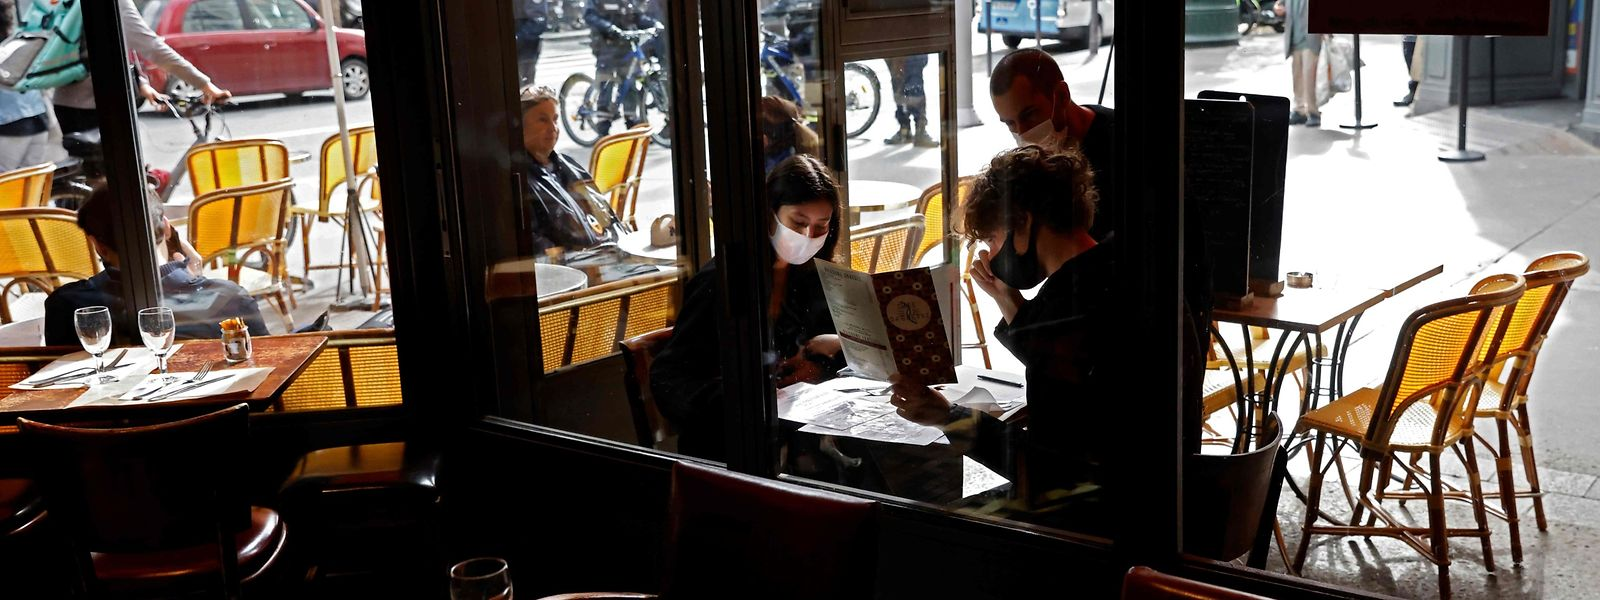 A compter de vendredi, le nombre de convives autour d'une même table sera limité à quatre personnes en dehors des membres d'un même foyer.